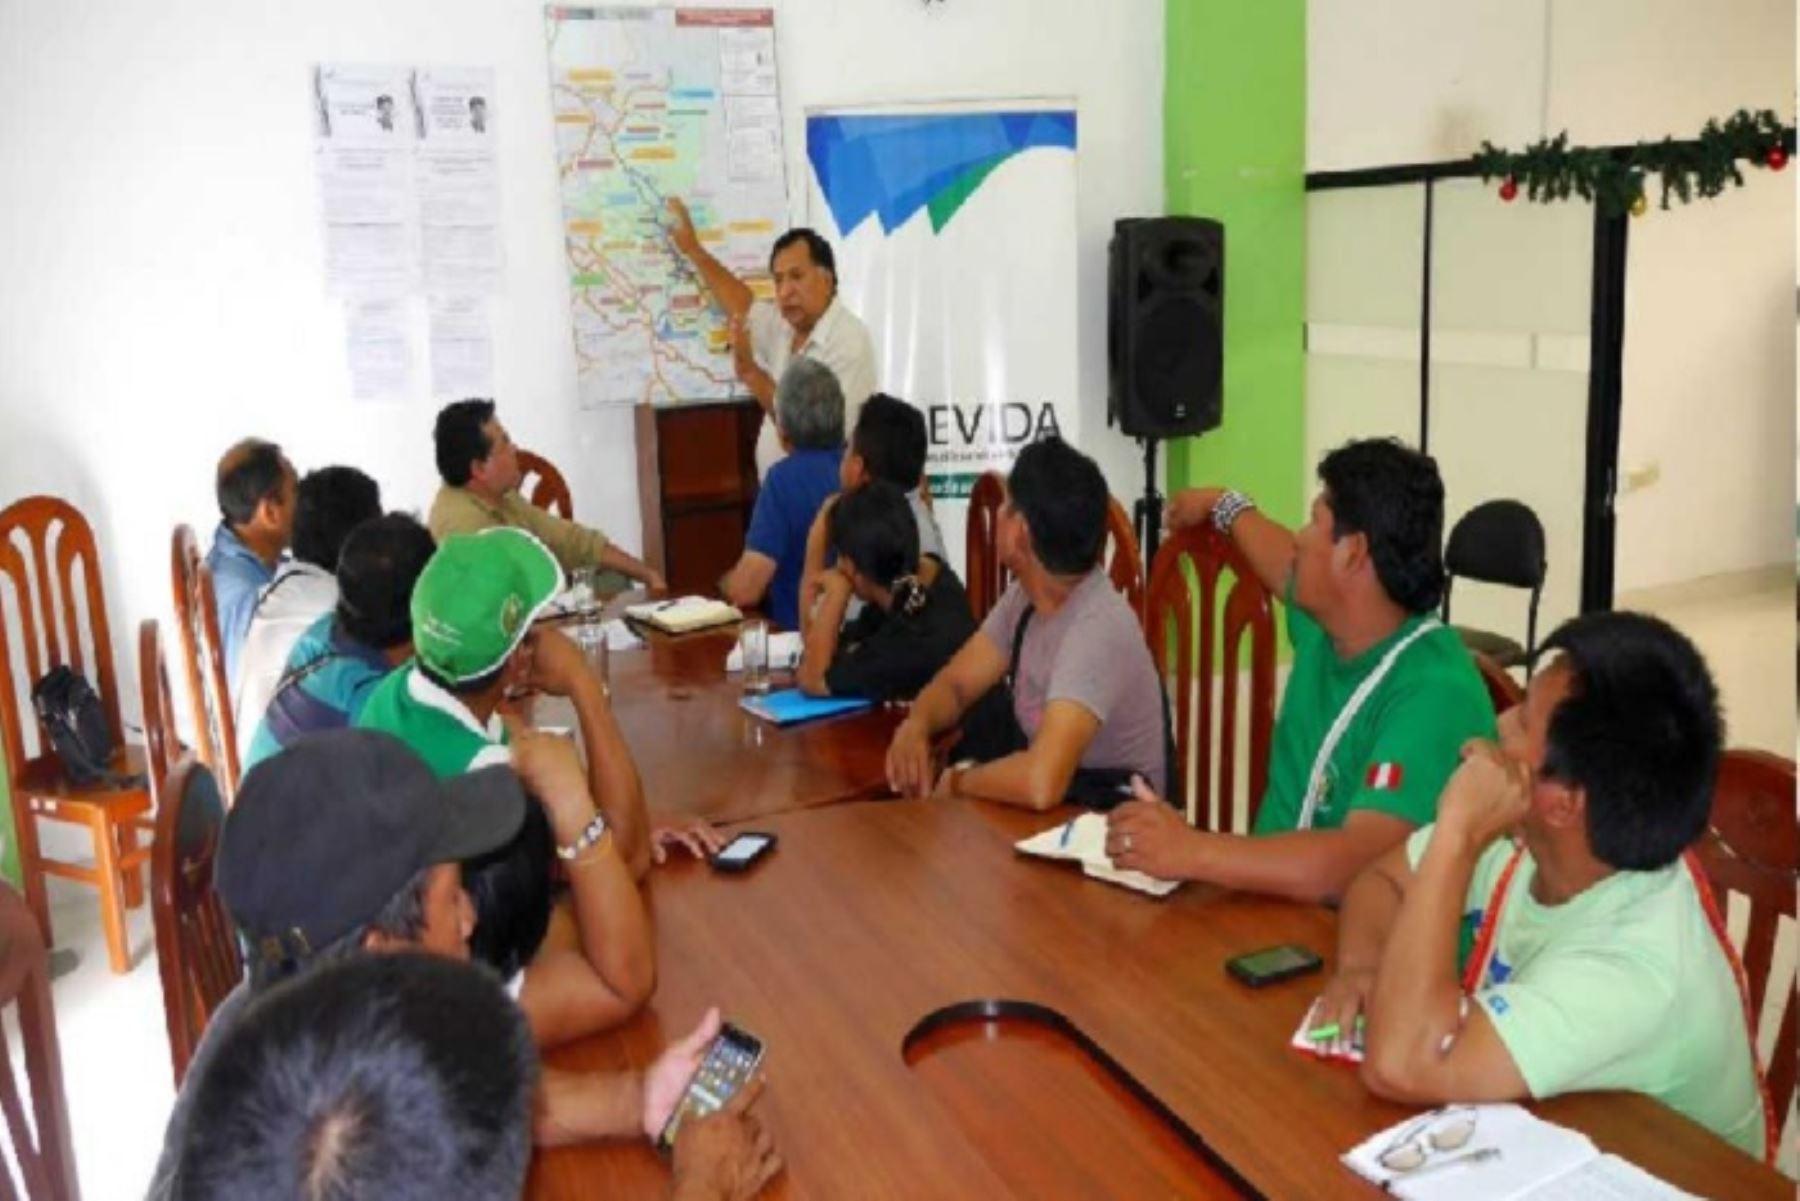 Representantes de la Comisión Nacional para el Desarrollo y Vida sin Drogas (Devida) sostuvieron reuniones de trabajo con líderes de comunidades nativas y productores de la selva central, en las que se lograron varios acuerdos orientados a fortalecer el desarrollo económico y social de la zona.